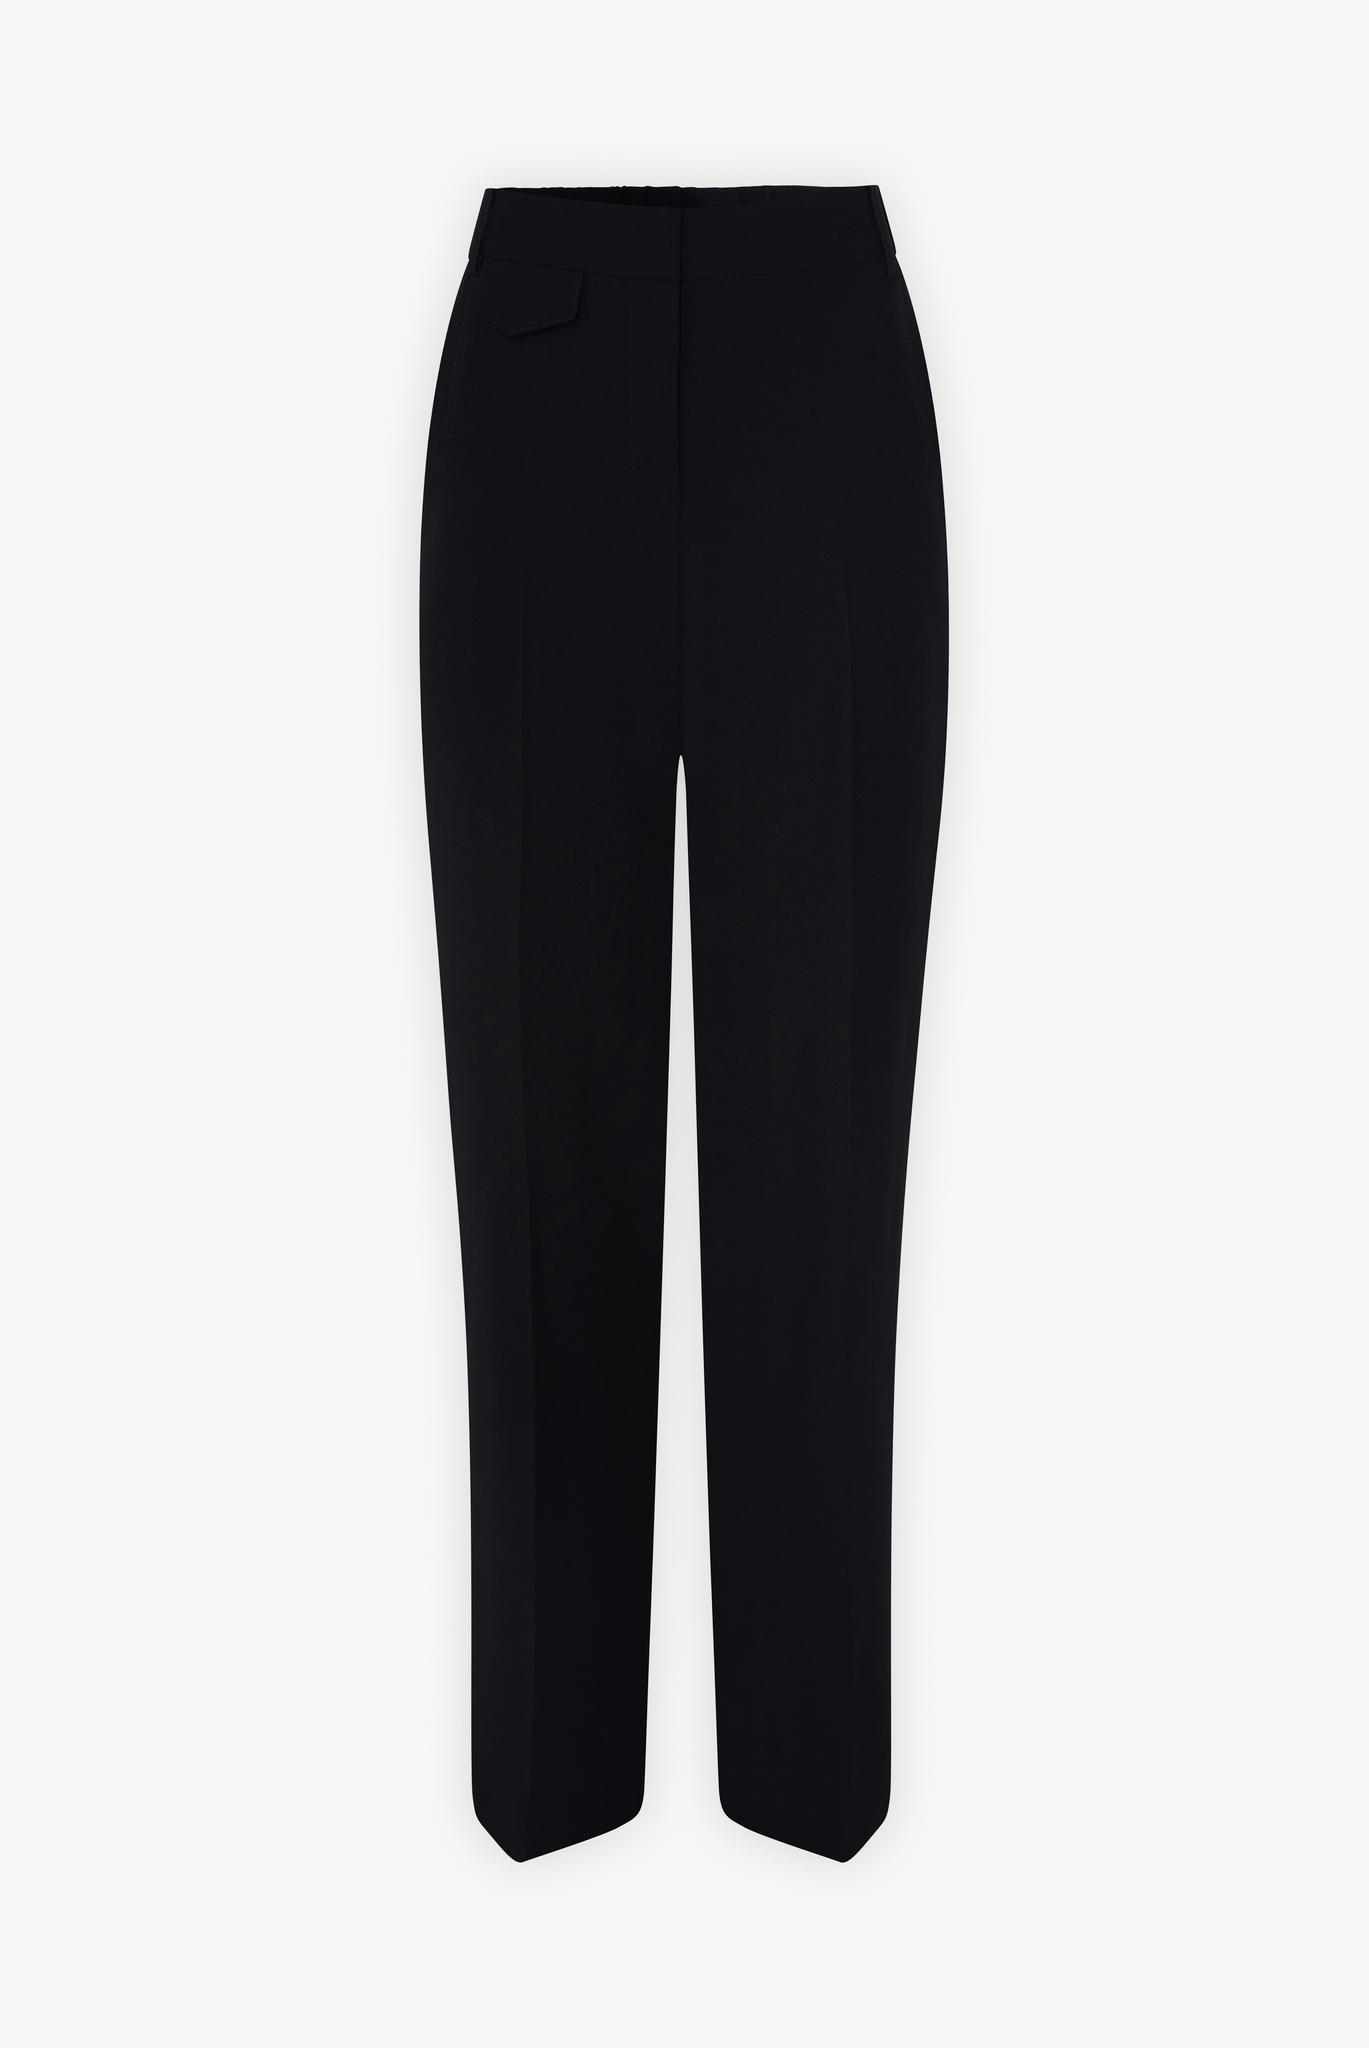 ELIO - Прямые классические брюки